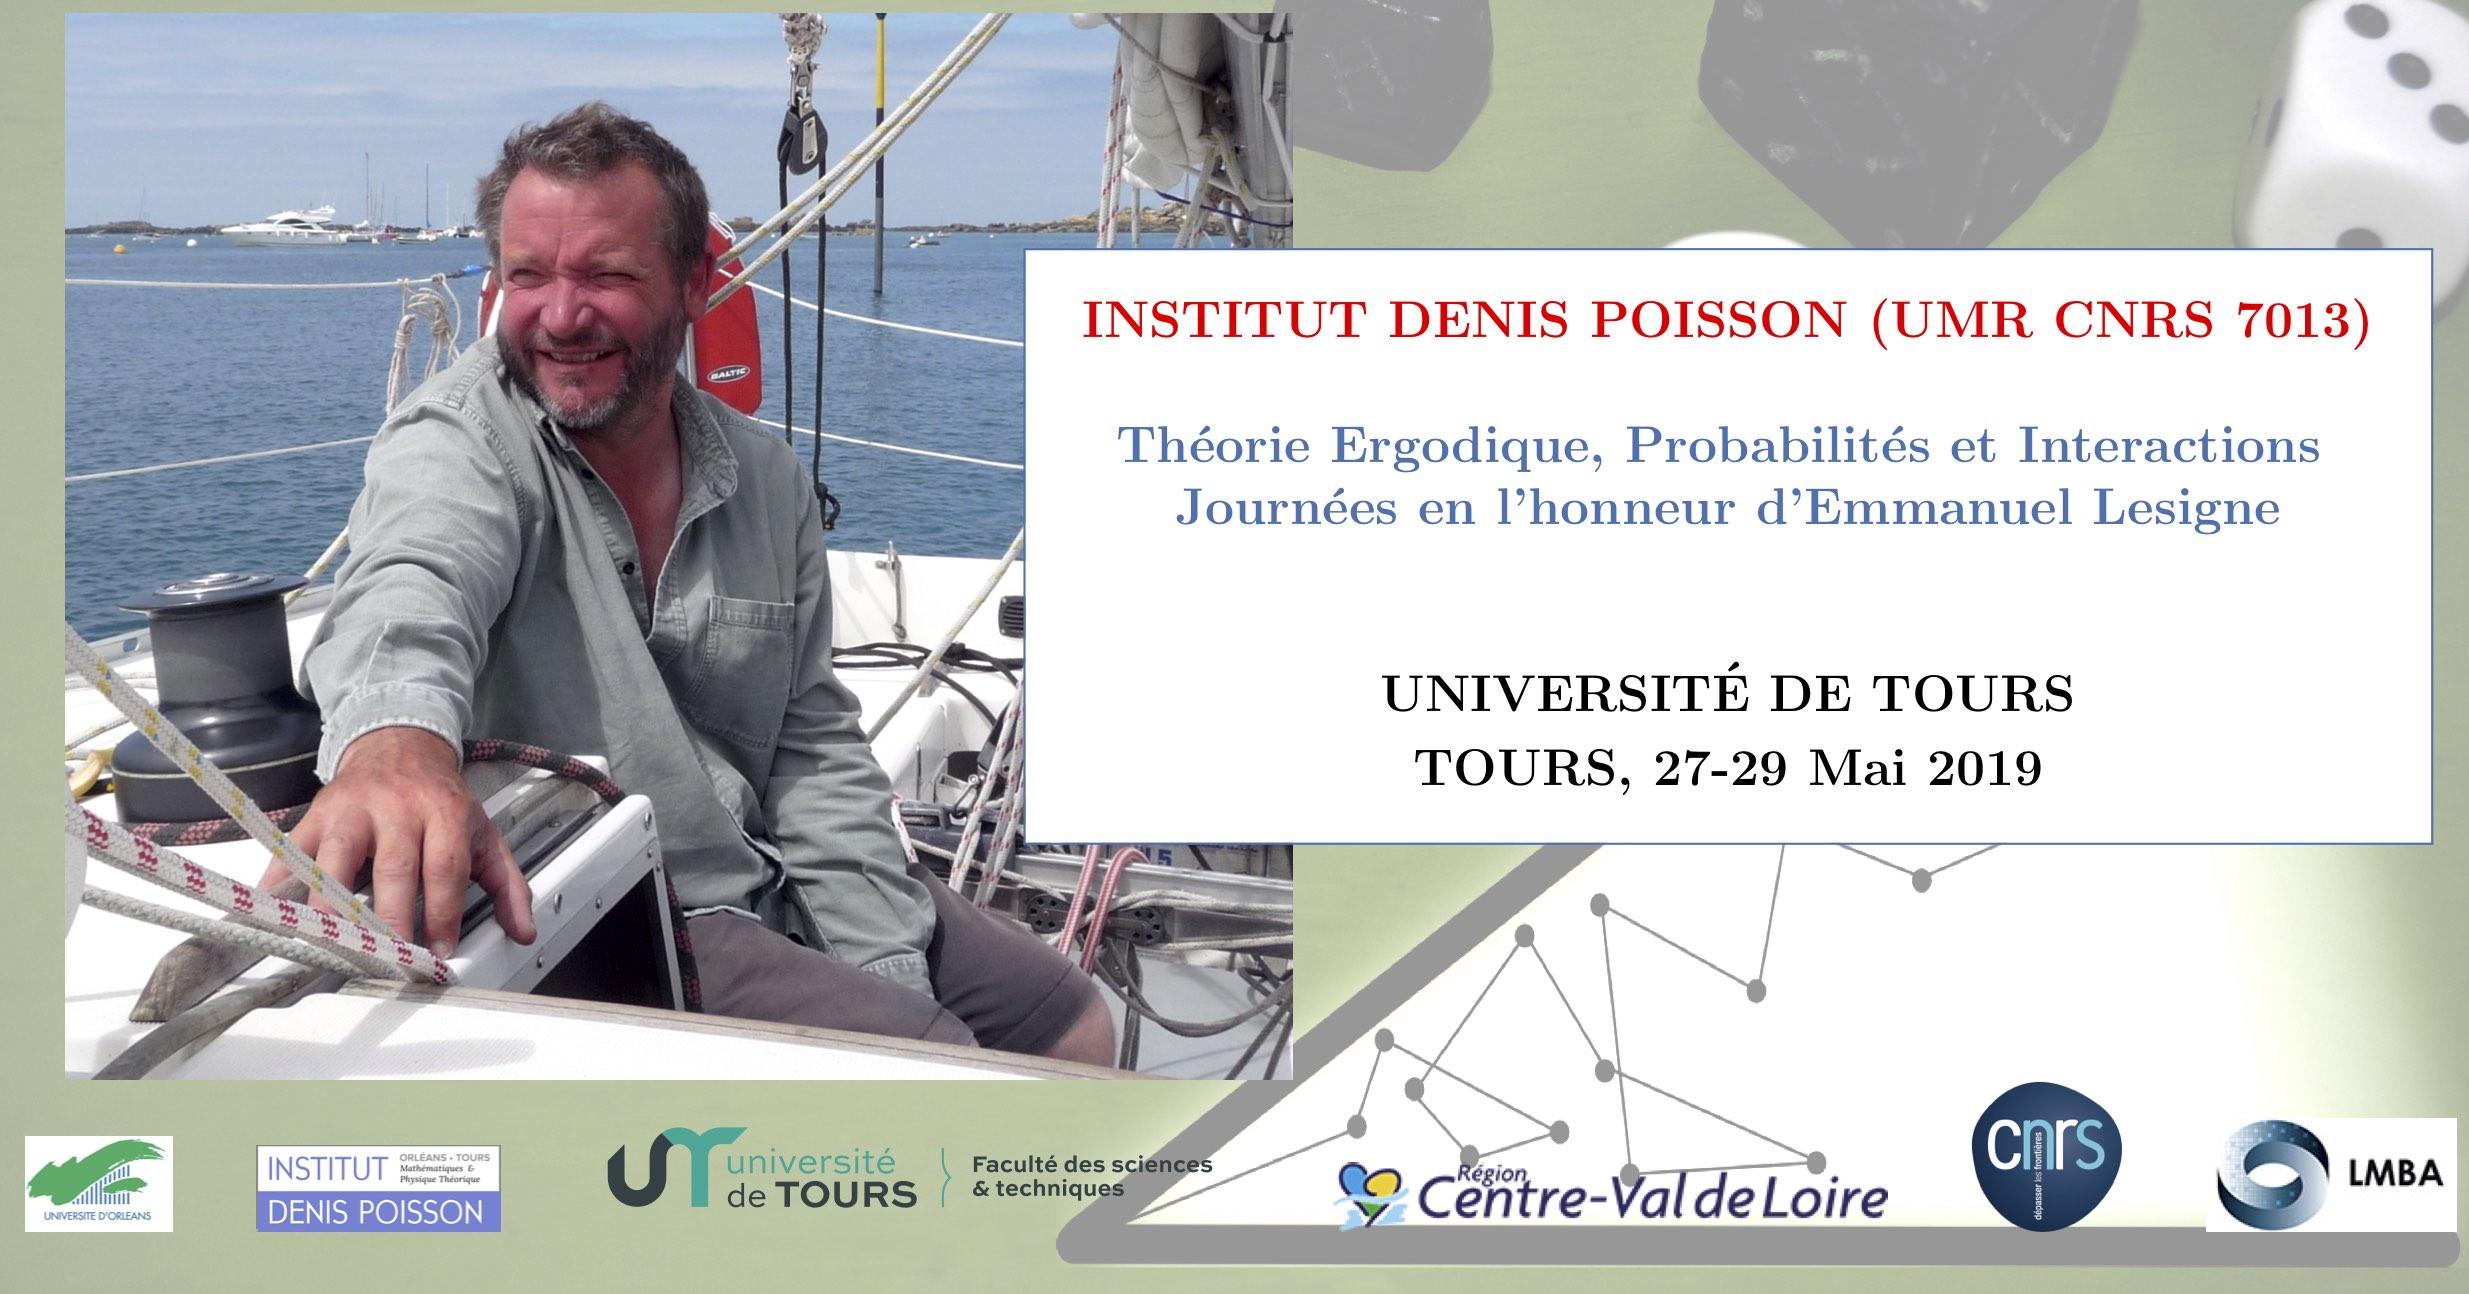 Théorie Ergodique, Probabilités et Interactions, Journées en l'honneur d'Emmanuel Lesigne